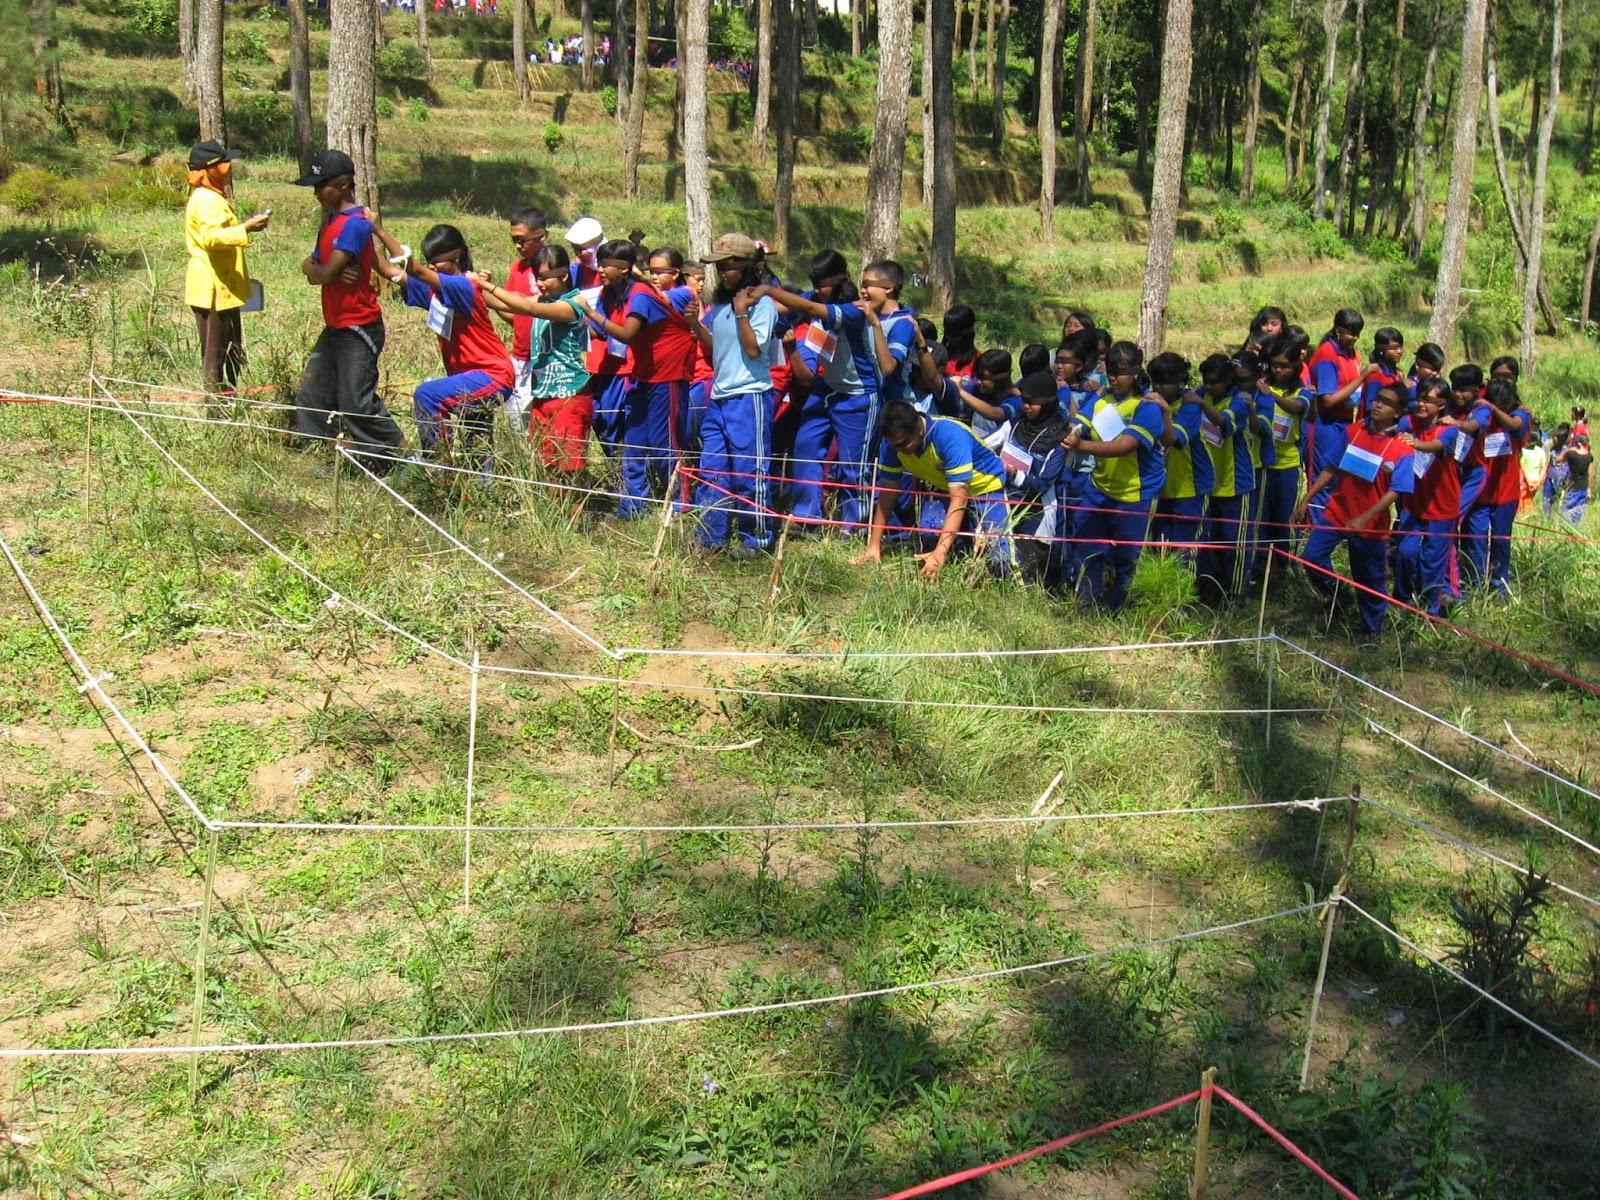 Jasa Outbound Semarang : Permainan Blind Walk